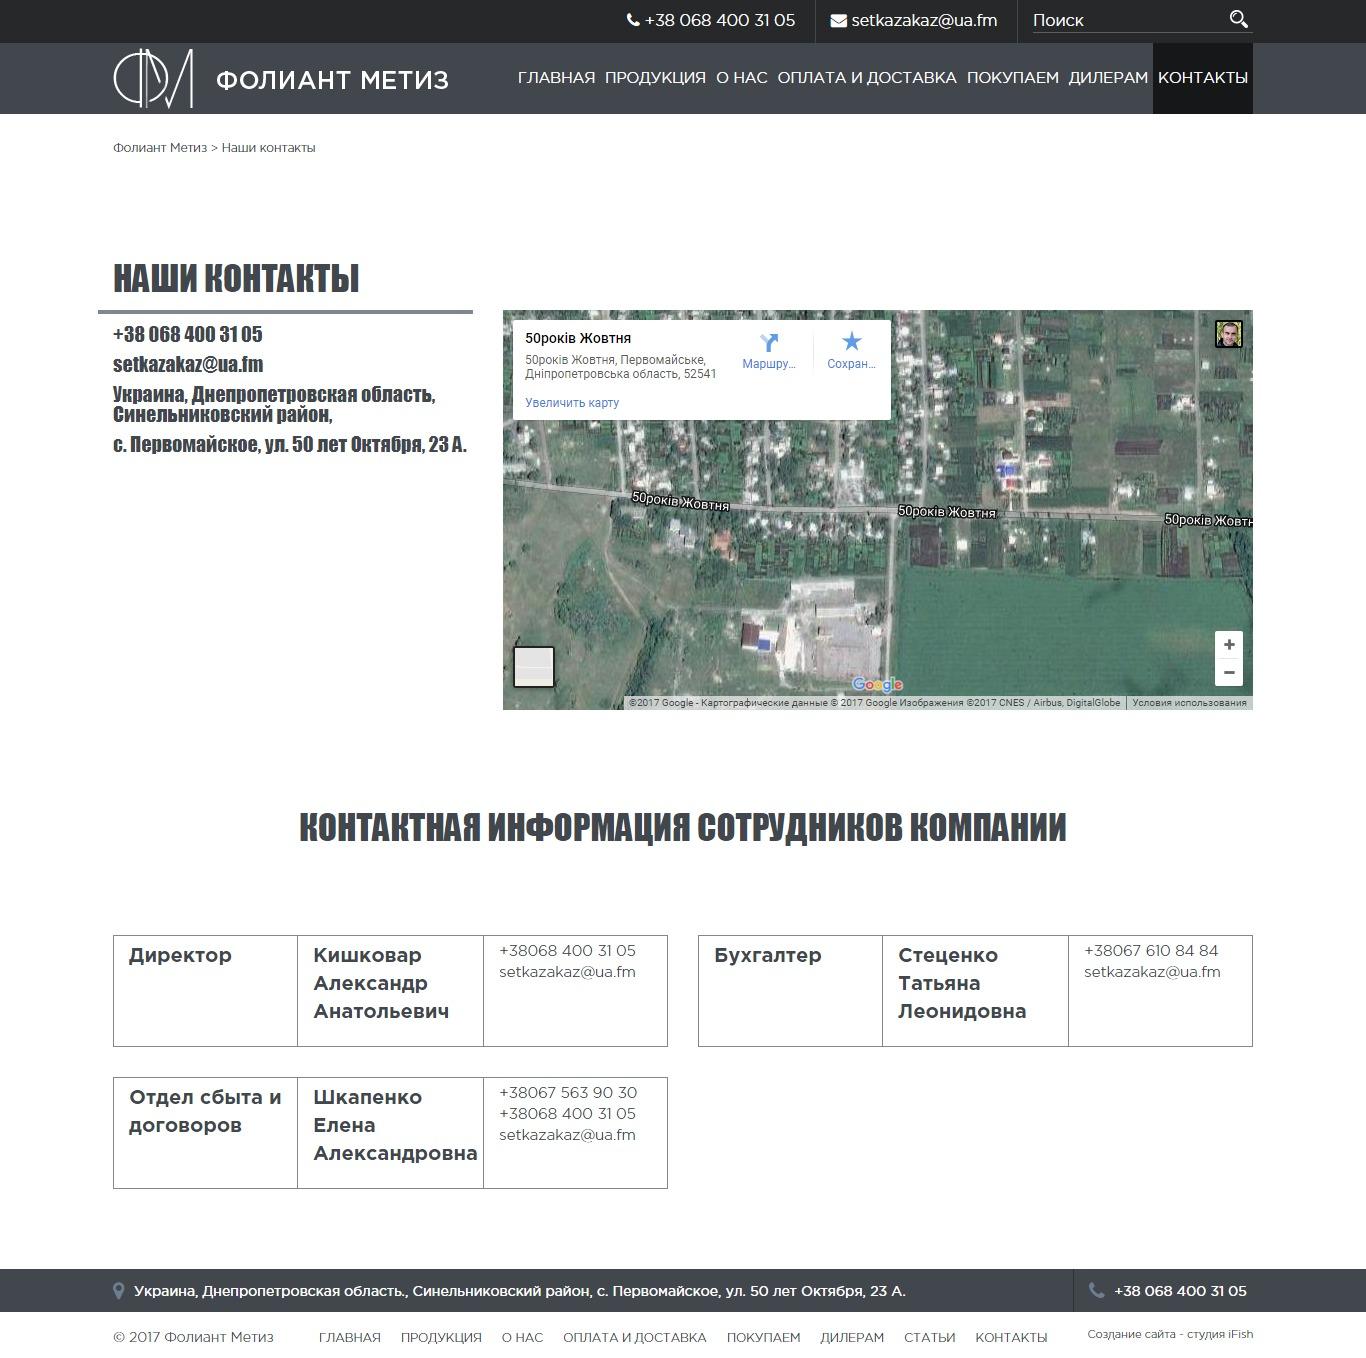 contacts-foliant-metiz.com.ua_contacts